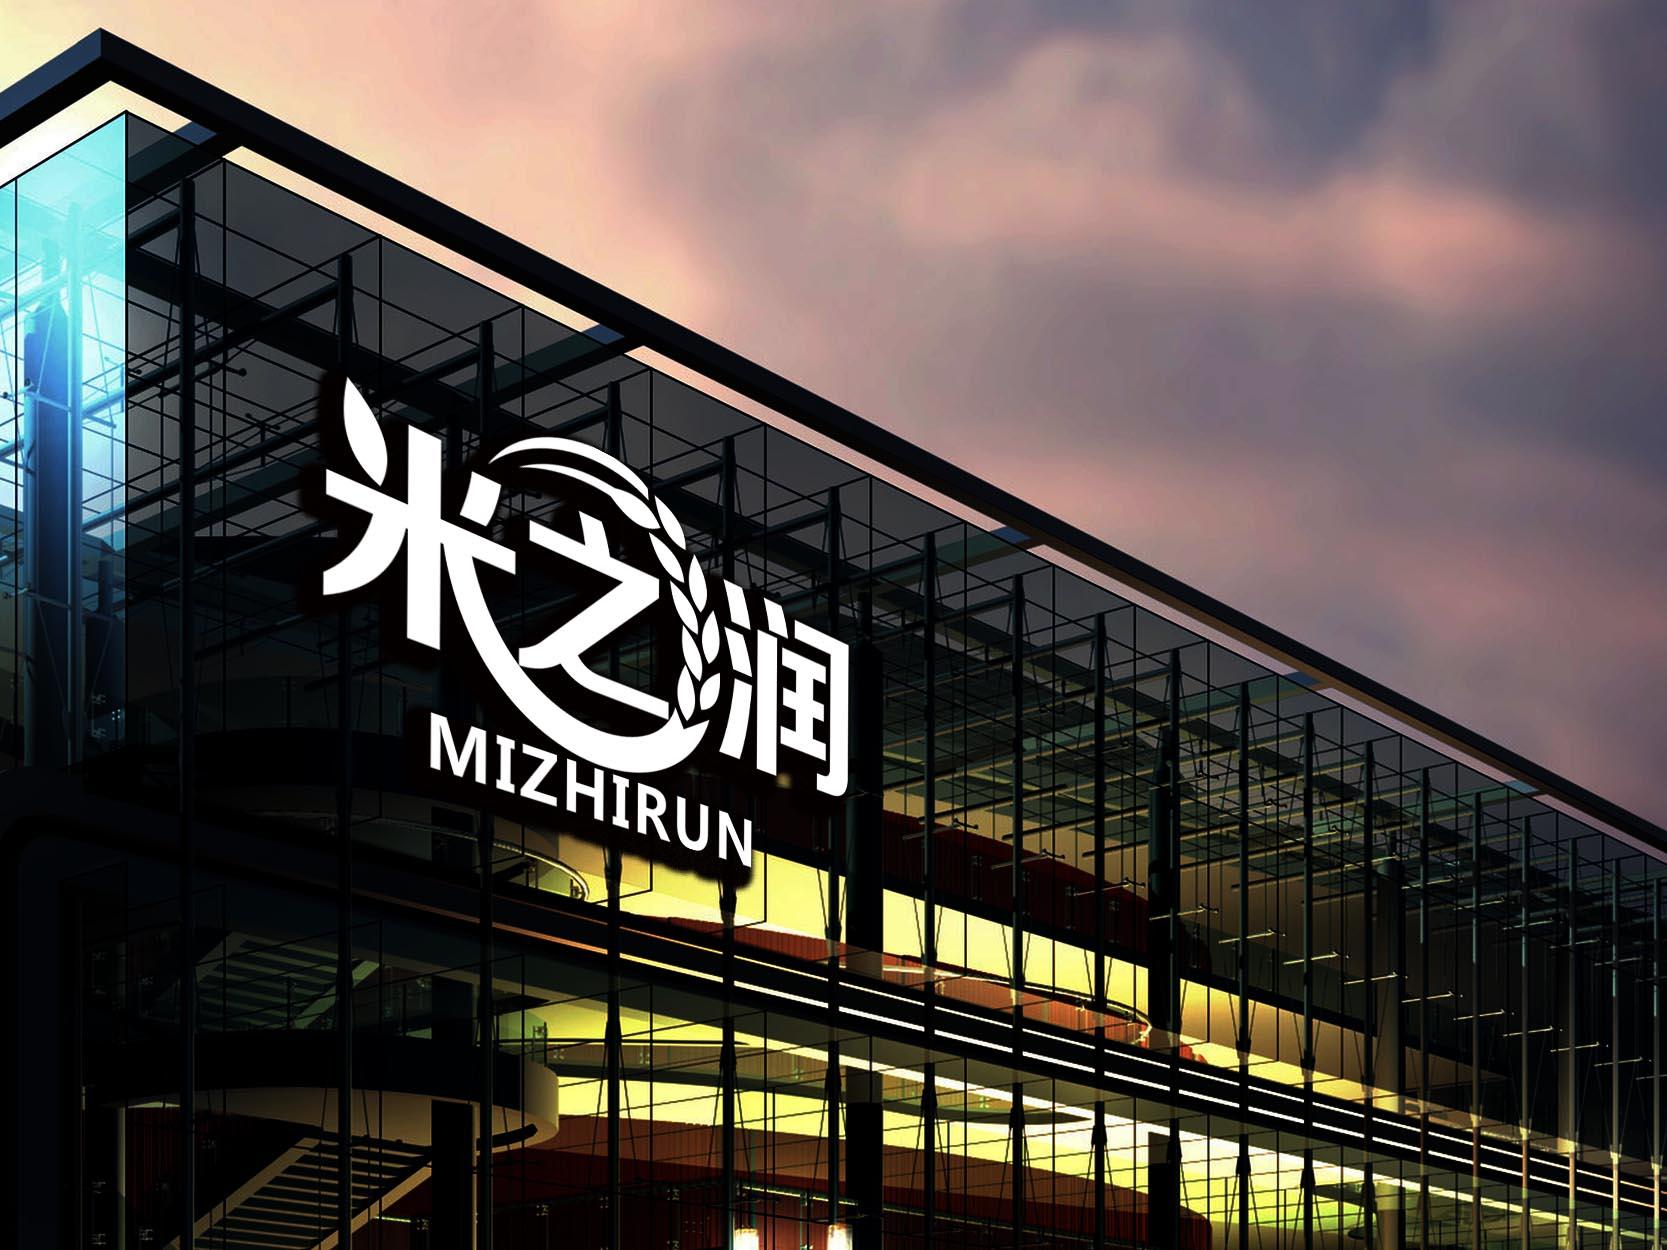 米之润logo设计_2955796_k68威客网